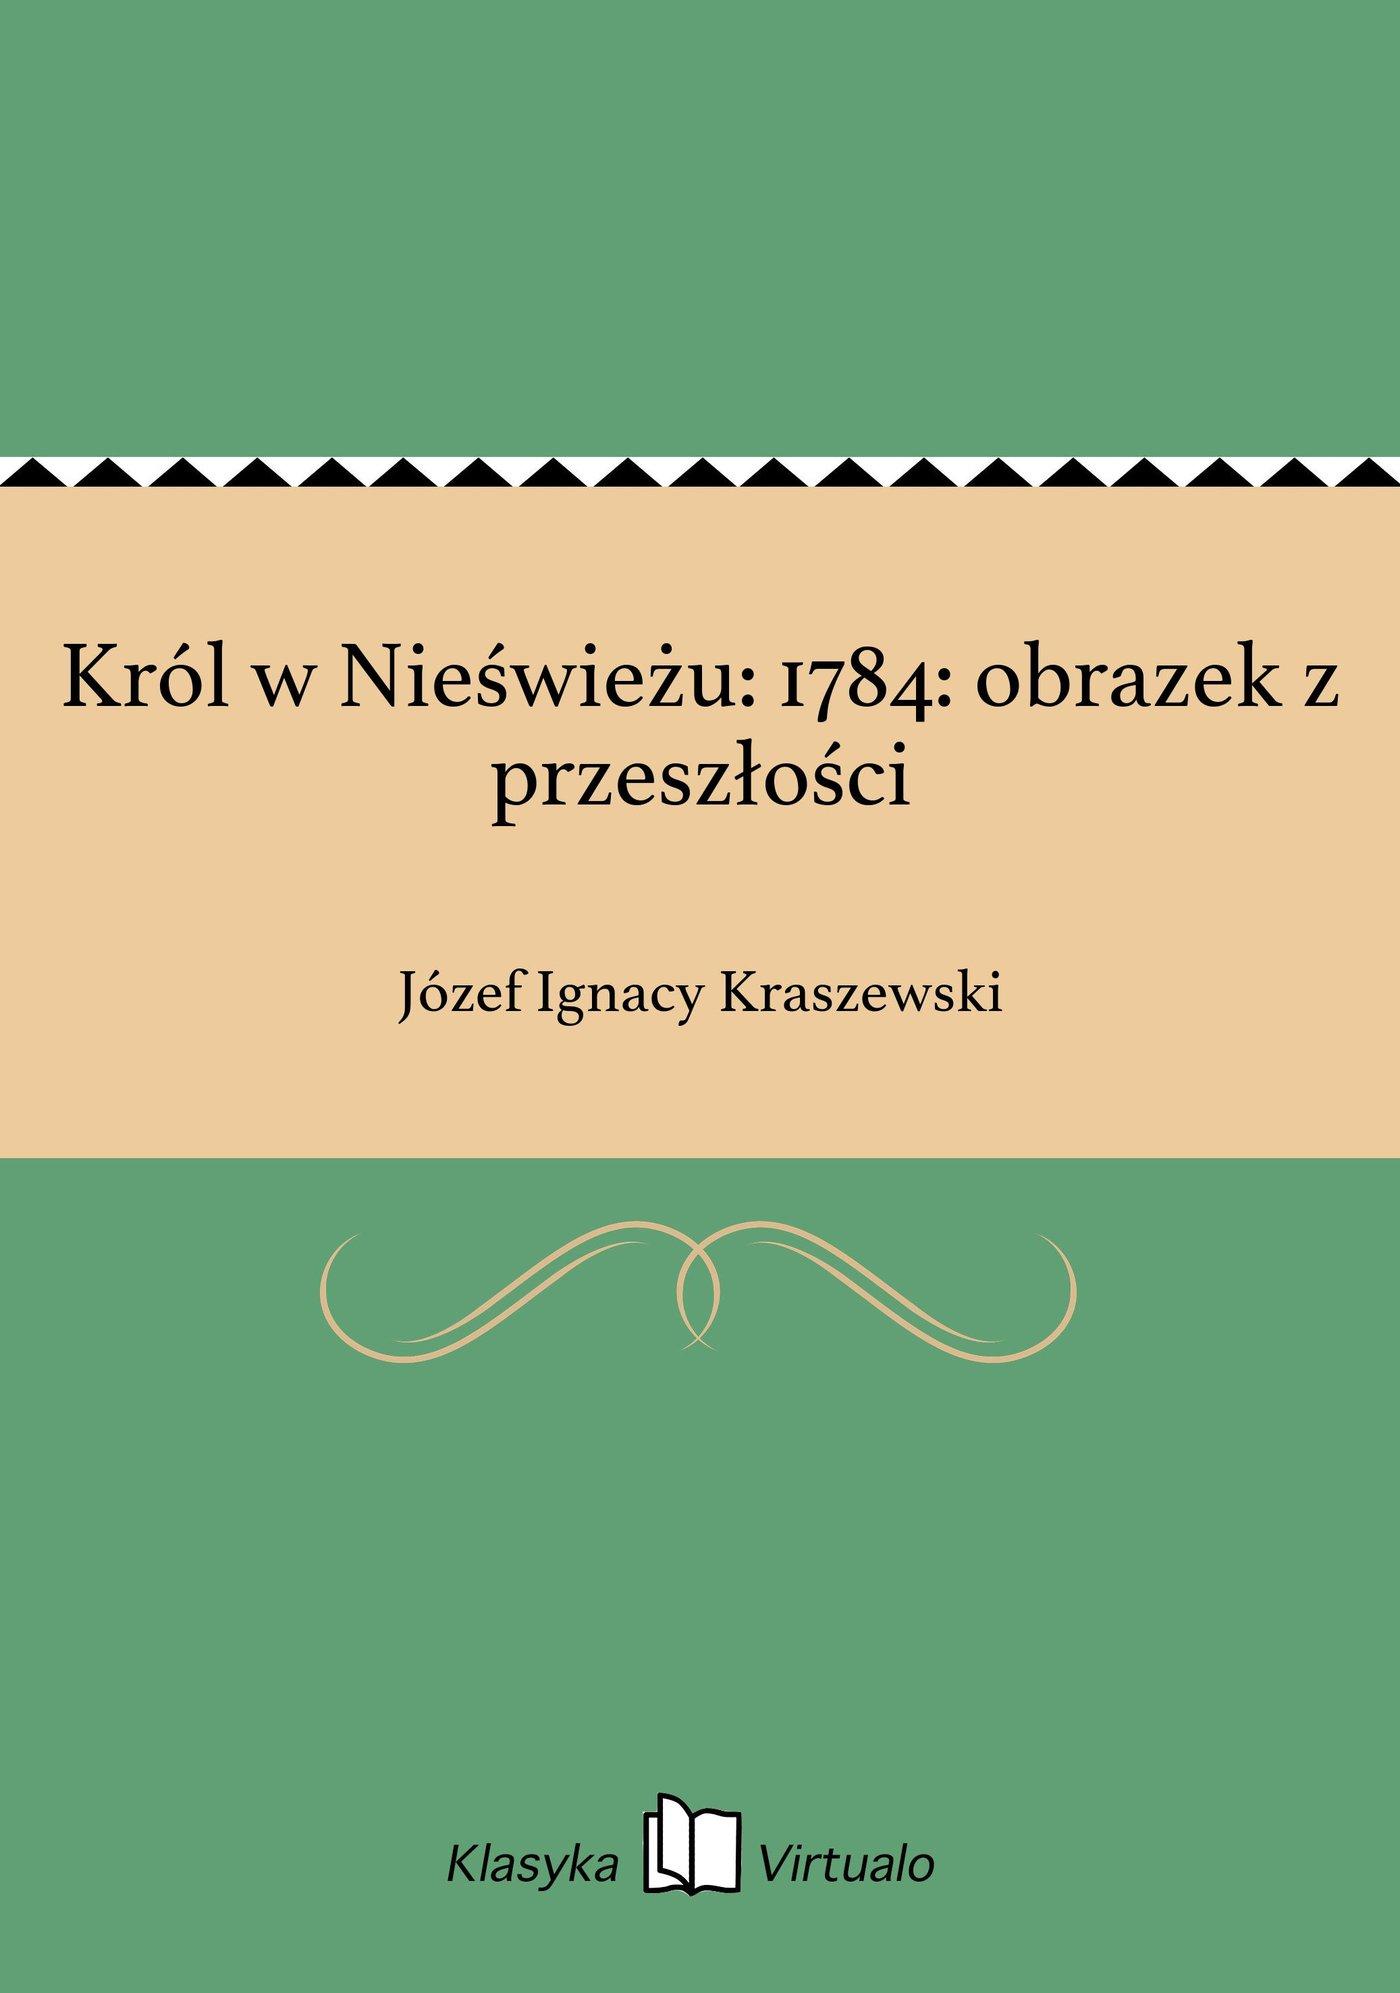 Król w Nieświeżu: 1784: obrazek z przeszłości - Ebook (Książka EPUB) do pobrania w formacie EPUB